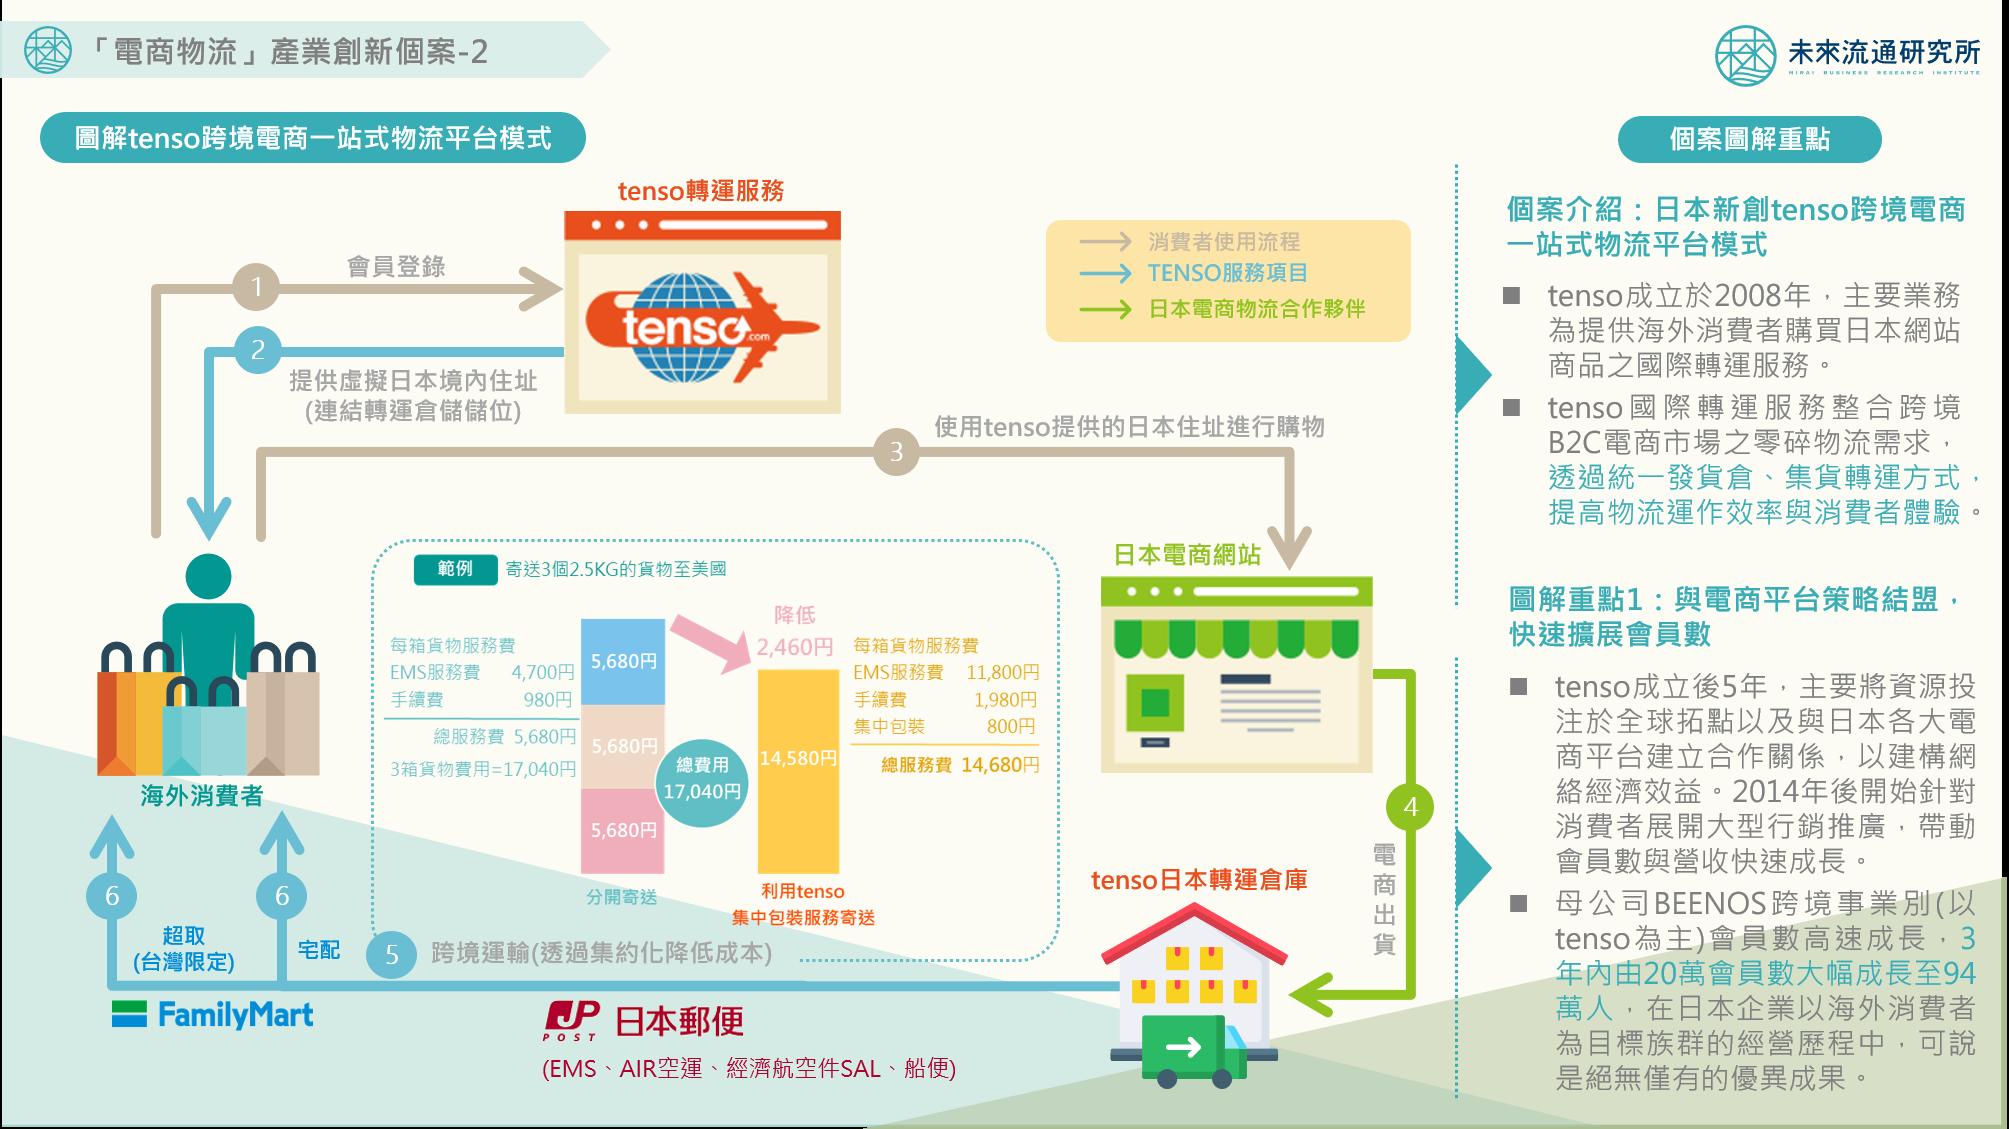 2020【創新個案圖解】「電商物流」產業創新個案-2